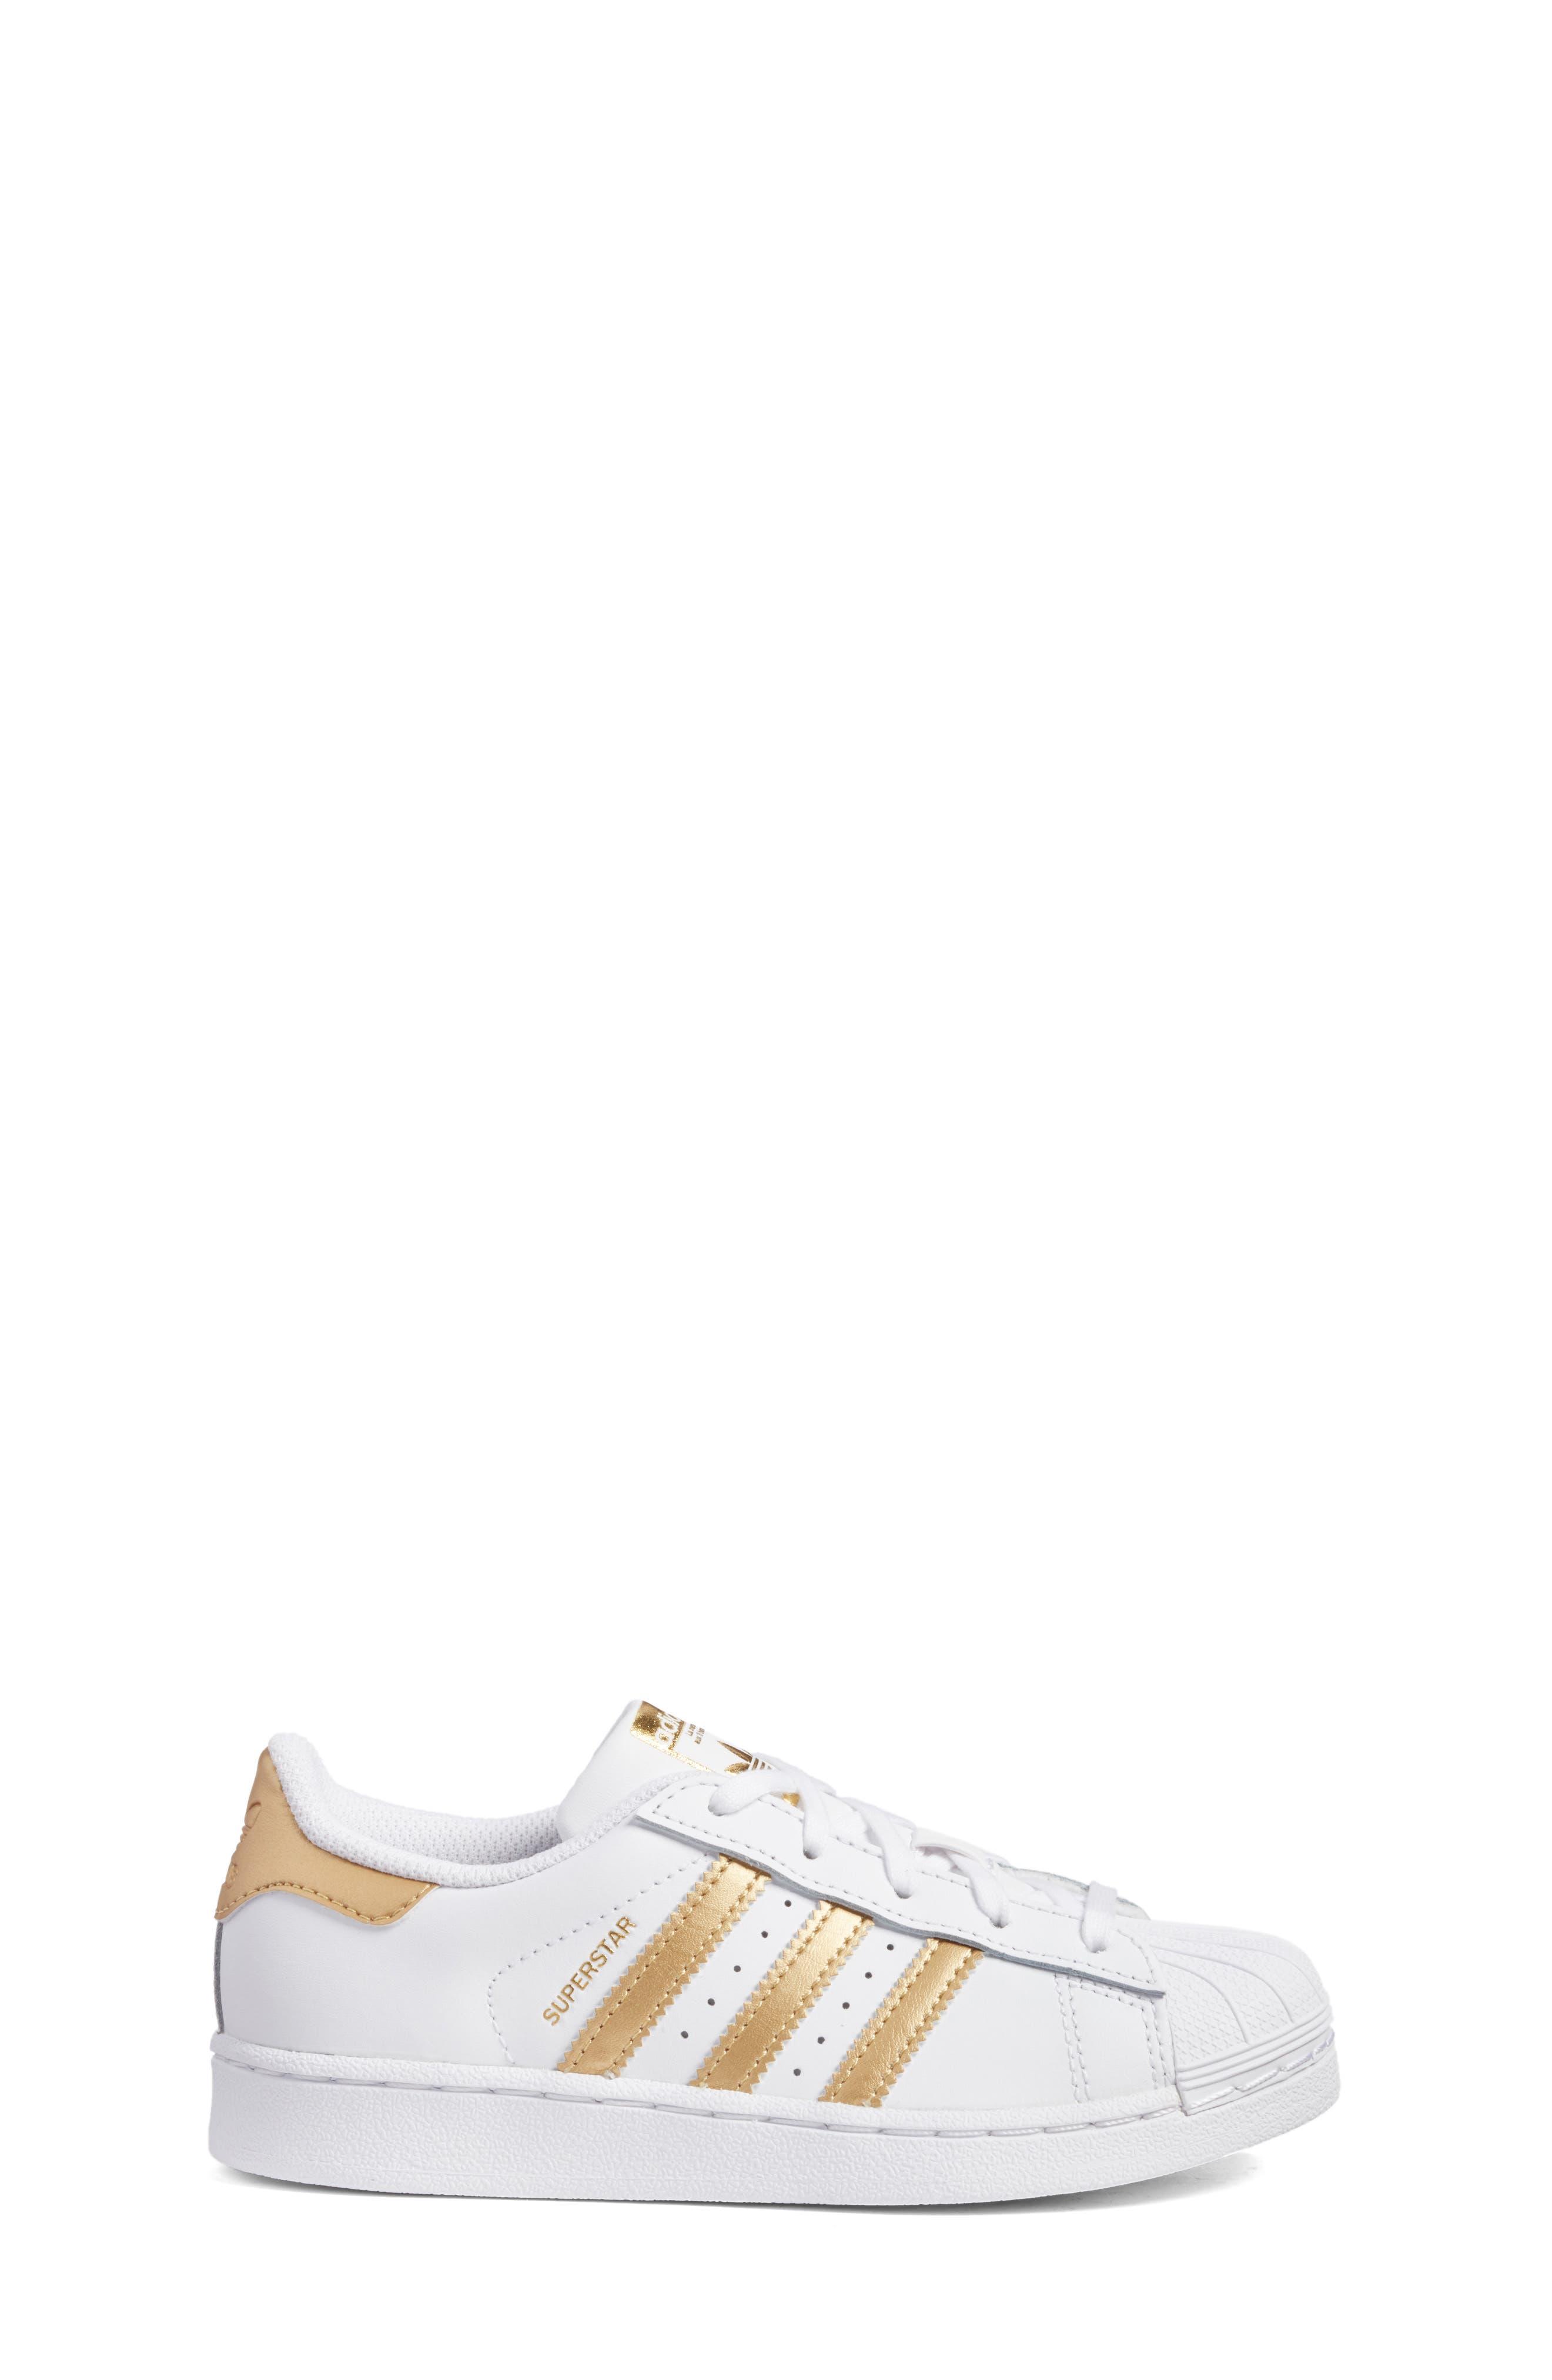 Superstar C Sneaker,                             Alternate thumbnail 3, color,                             100